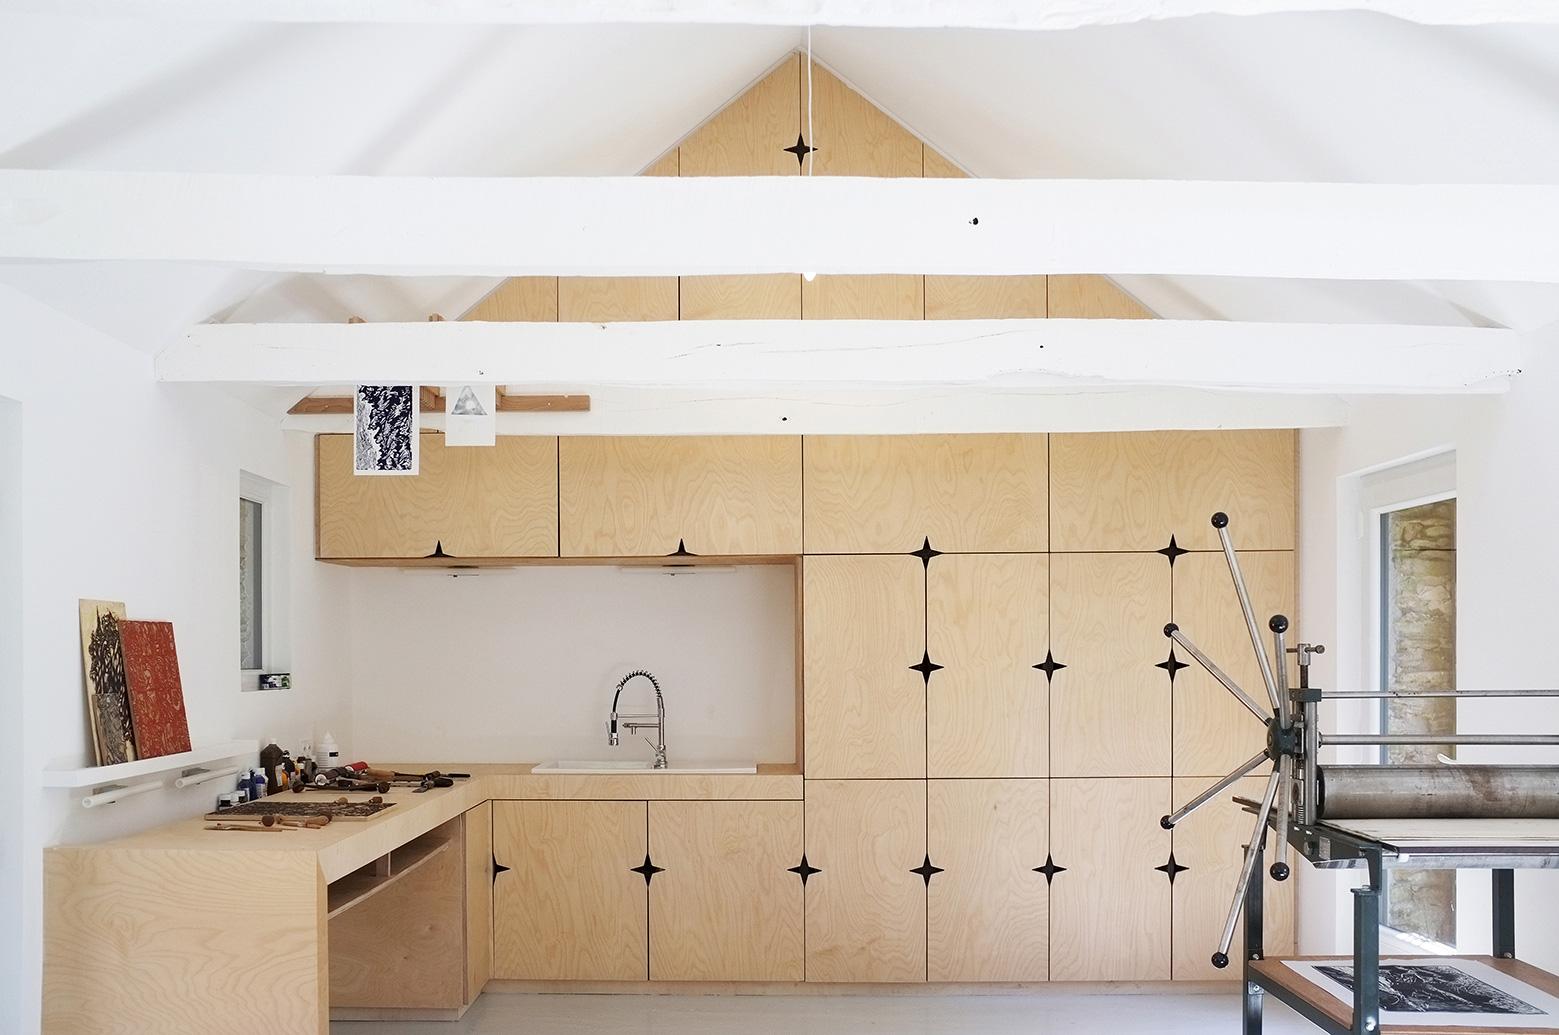 Atelier d'Artiste / Modal Architecture (23)